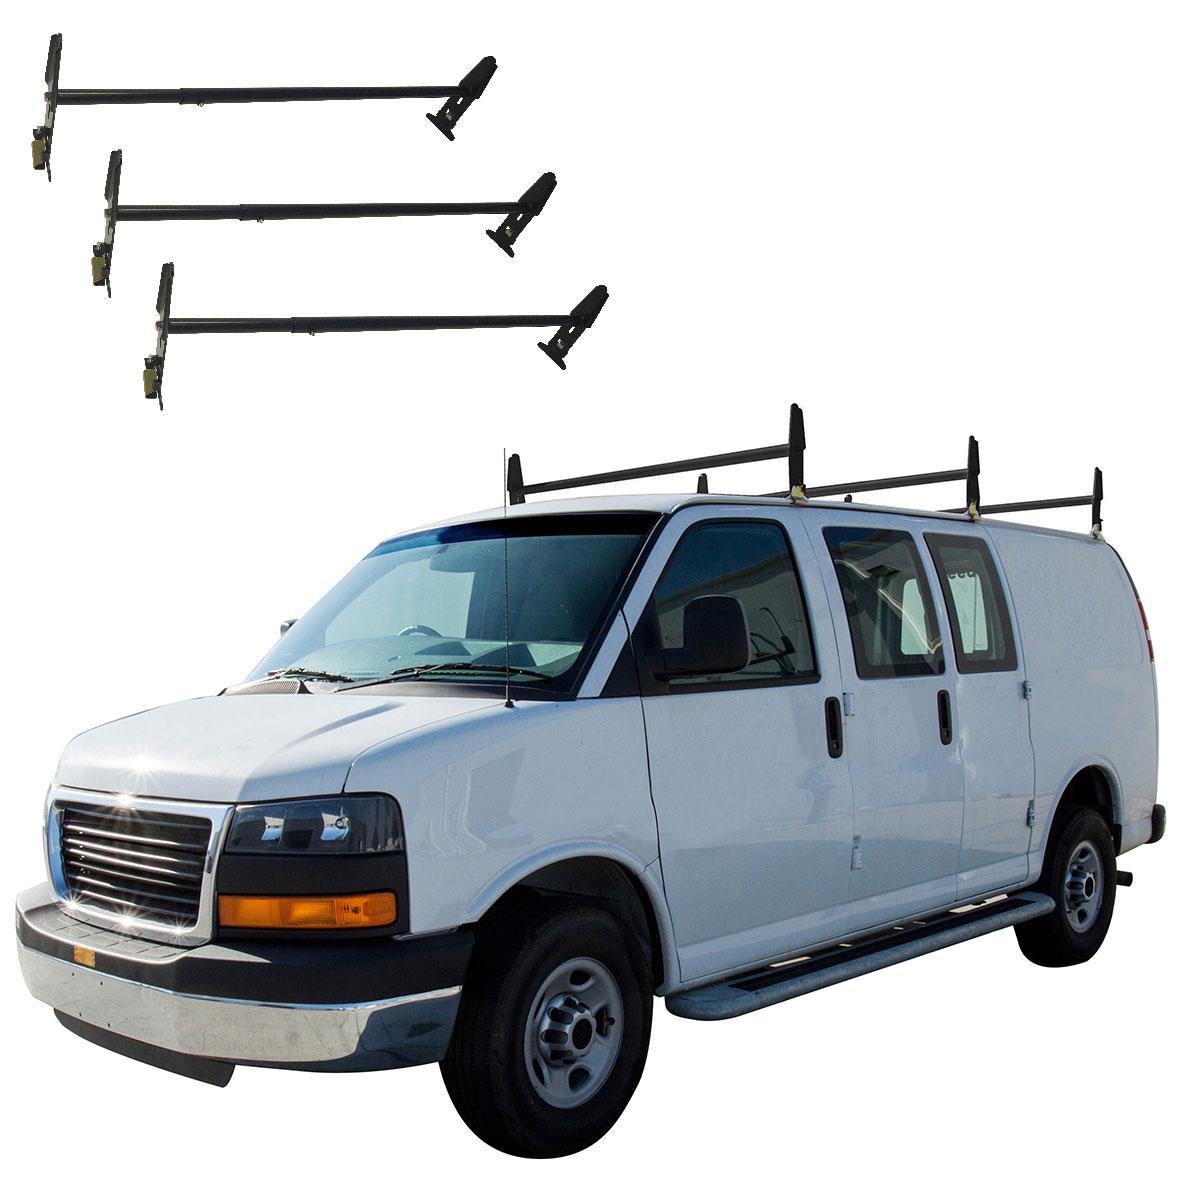 Universal Roof Ladder Rack Mount Gutter Cargo Van Cross